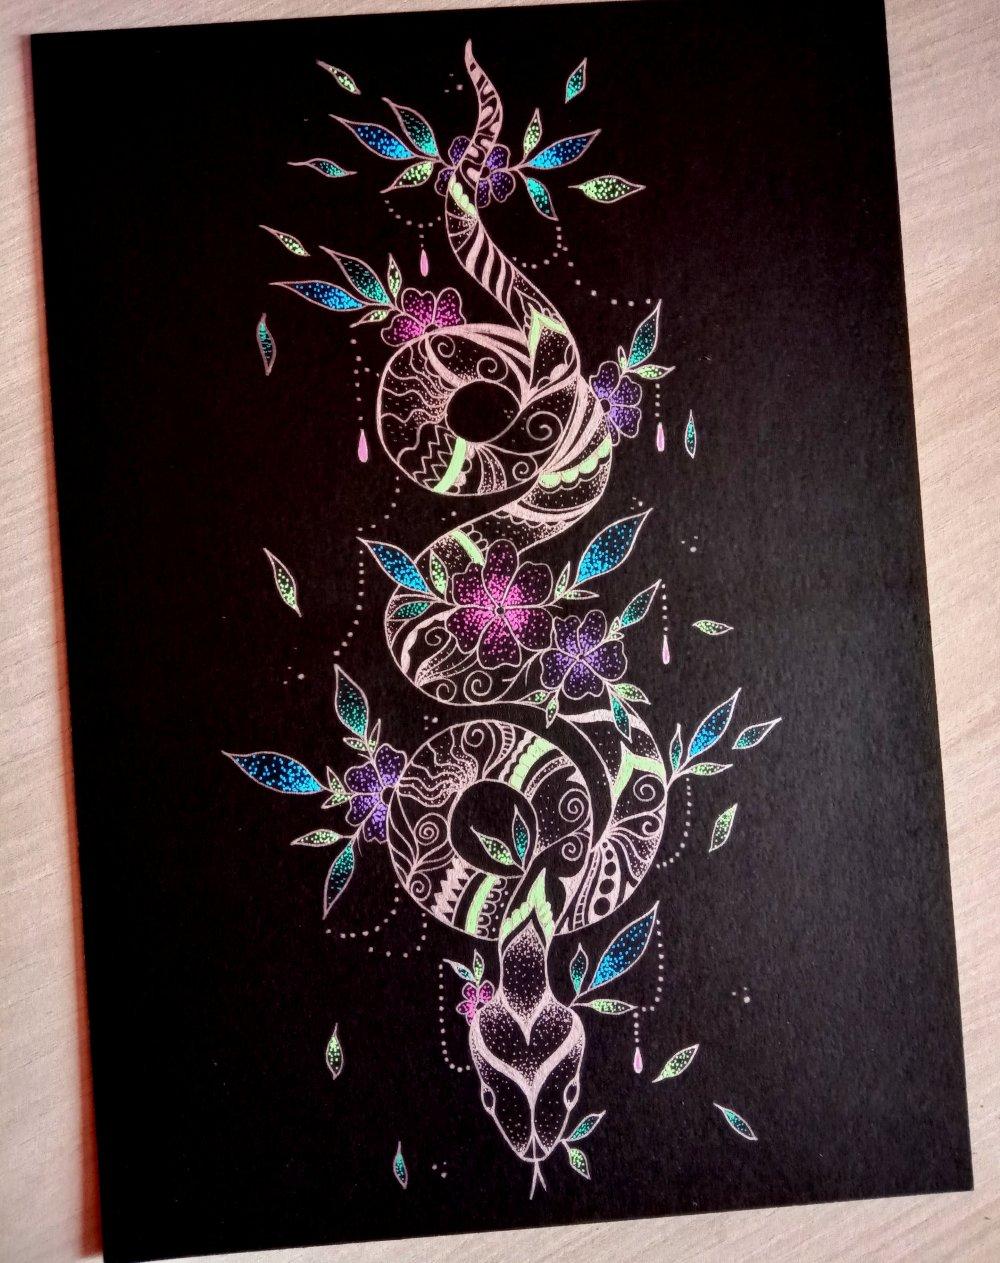 Dessin original, format A4, serpent argenté sur papier noir. Motifs zentangle.